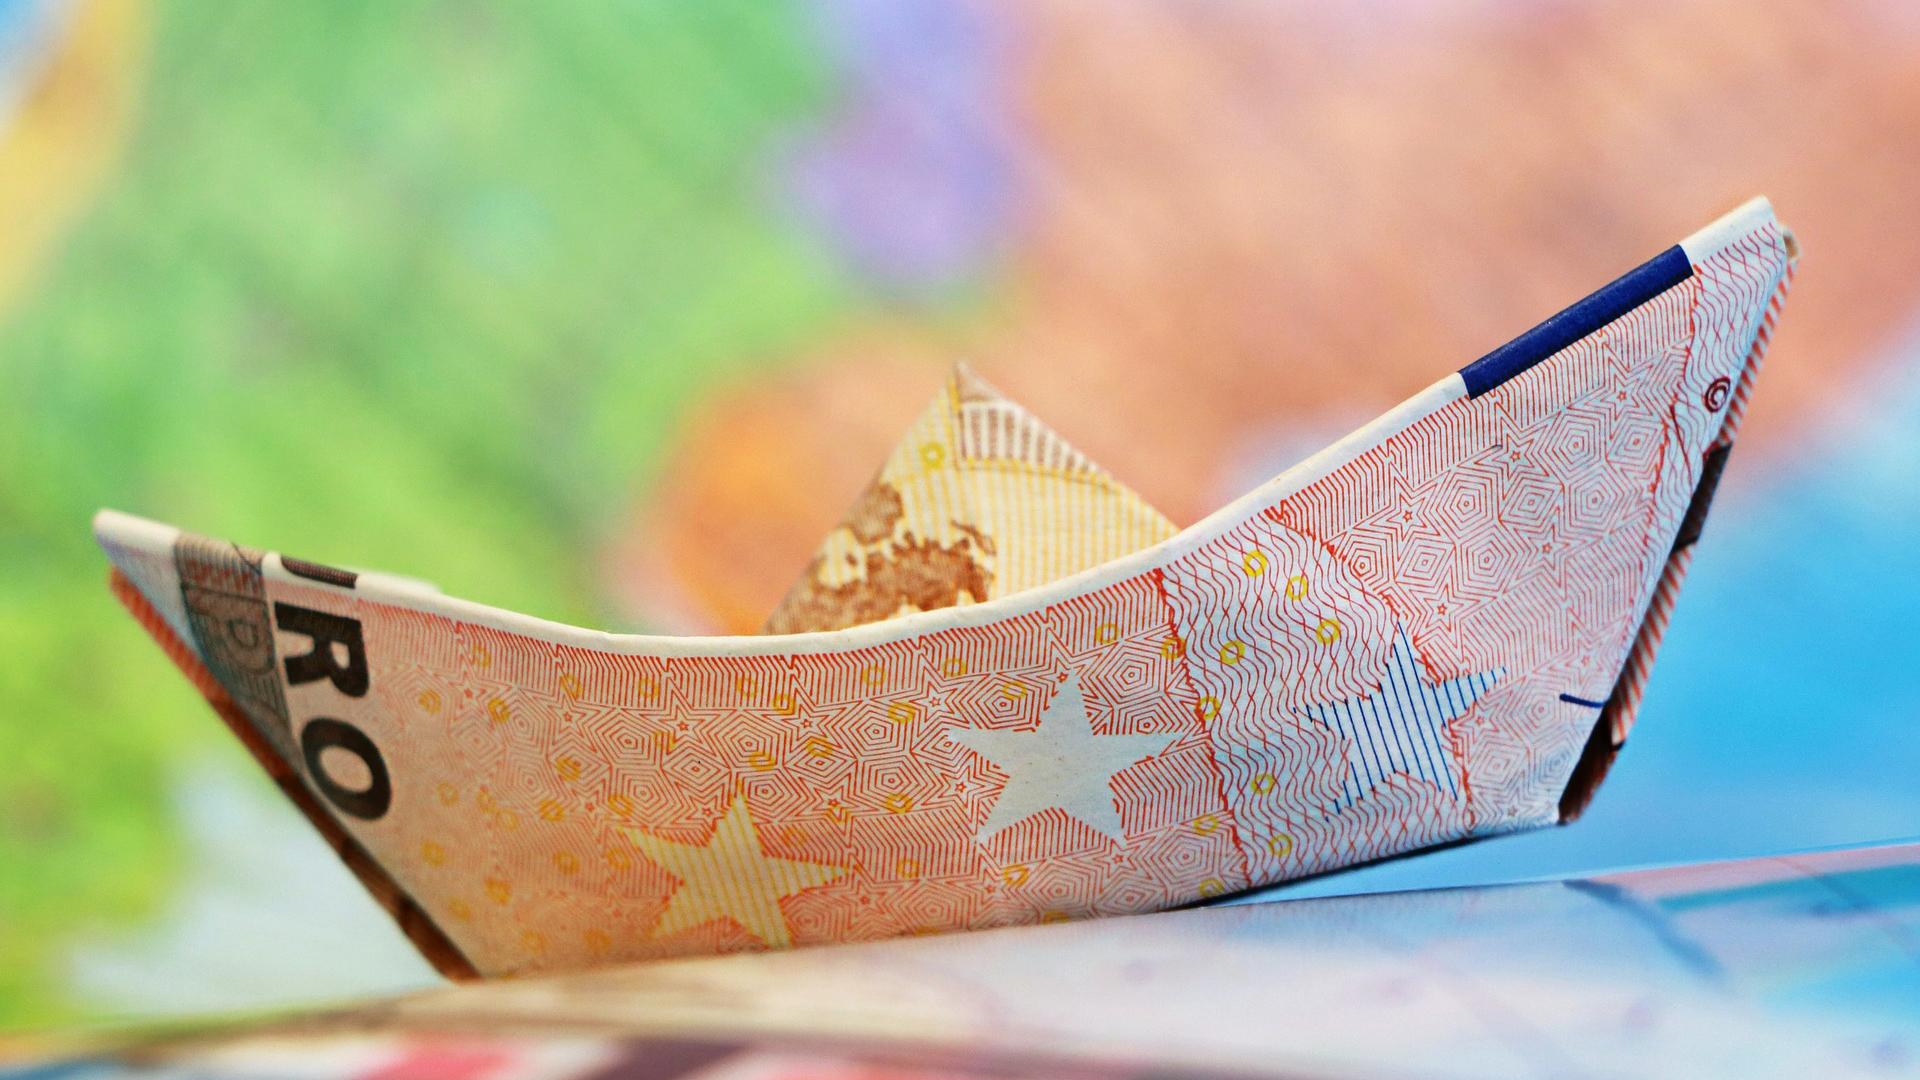 Pensioni flessibili: oltre 95mila domande per quota 100, dubbi per opzione donna